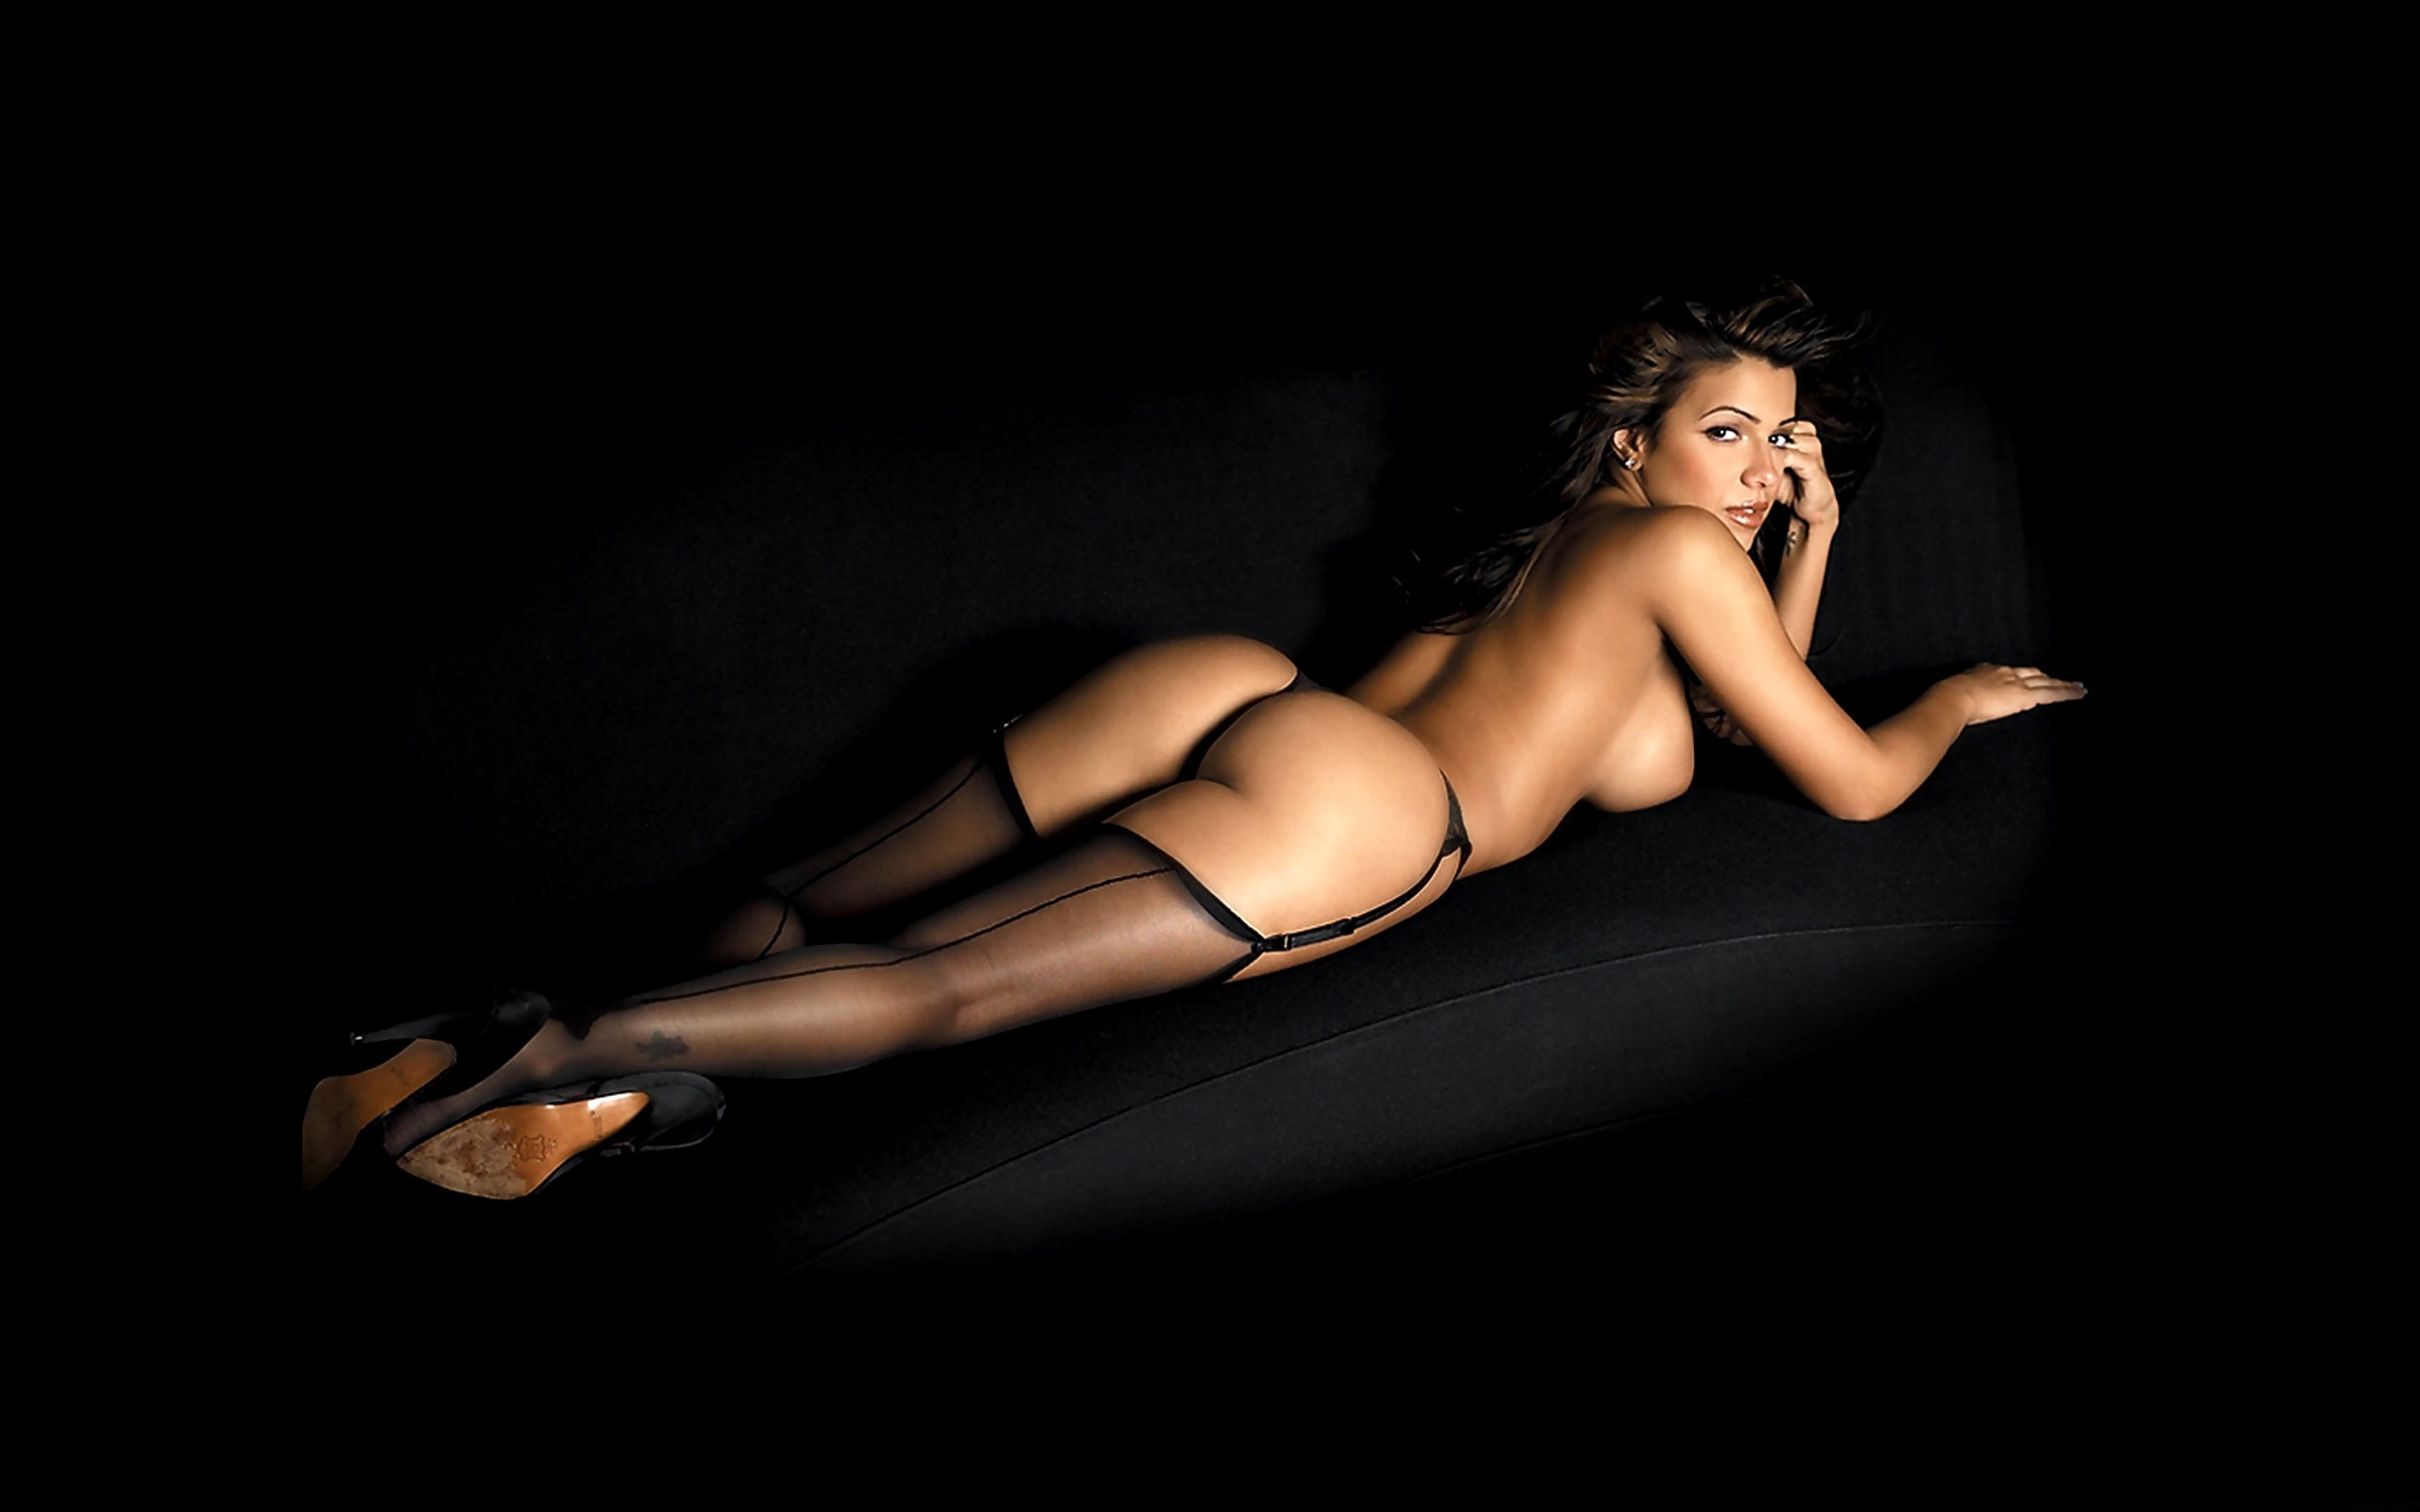 Сексуальные фото красивых женщин избранное 25 фотография